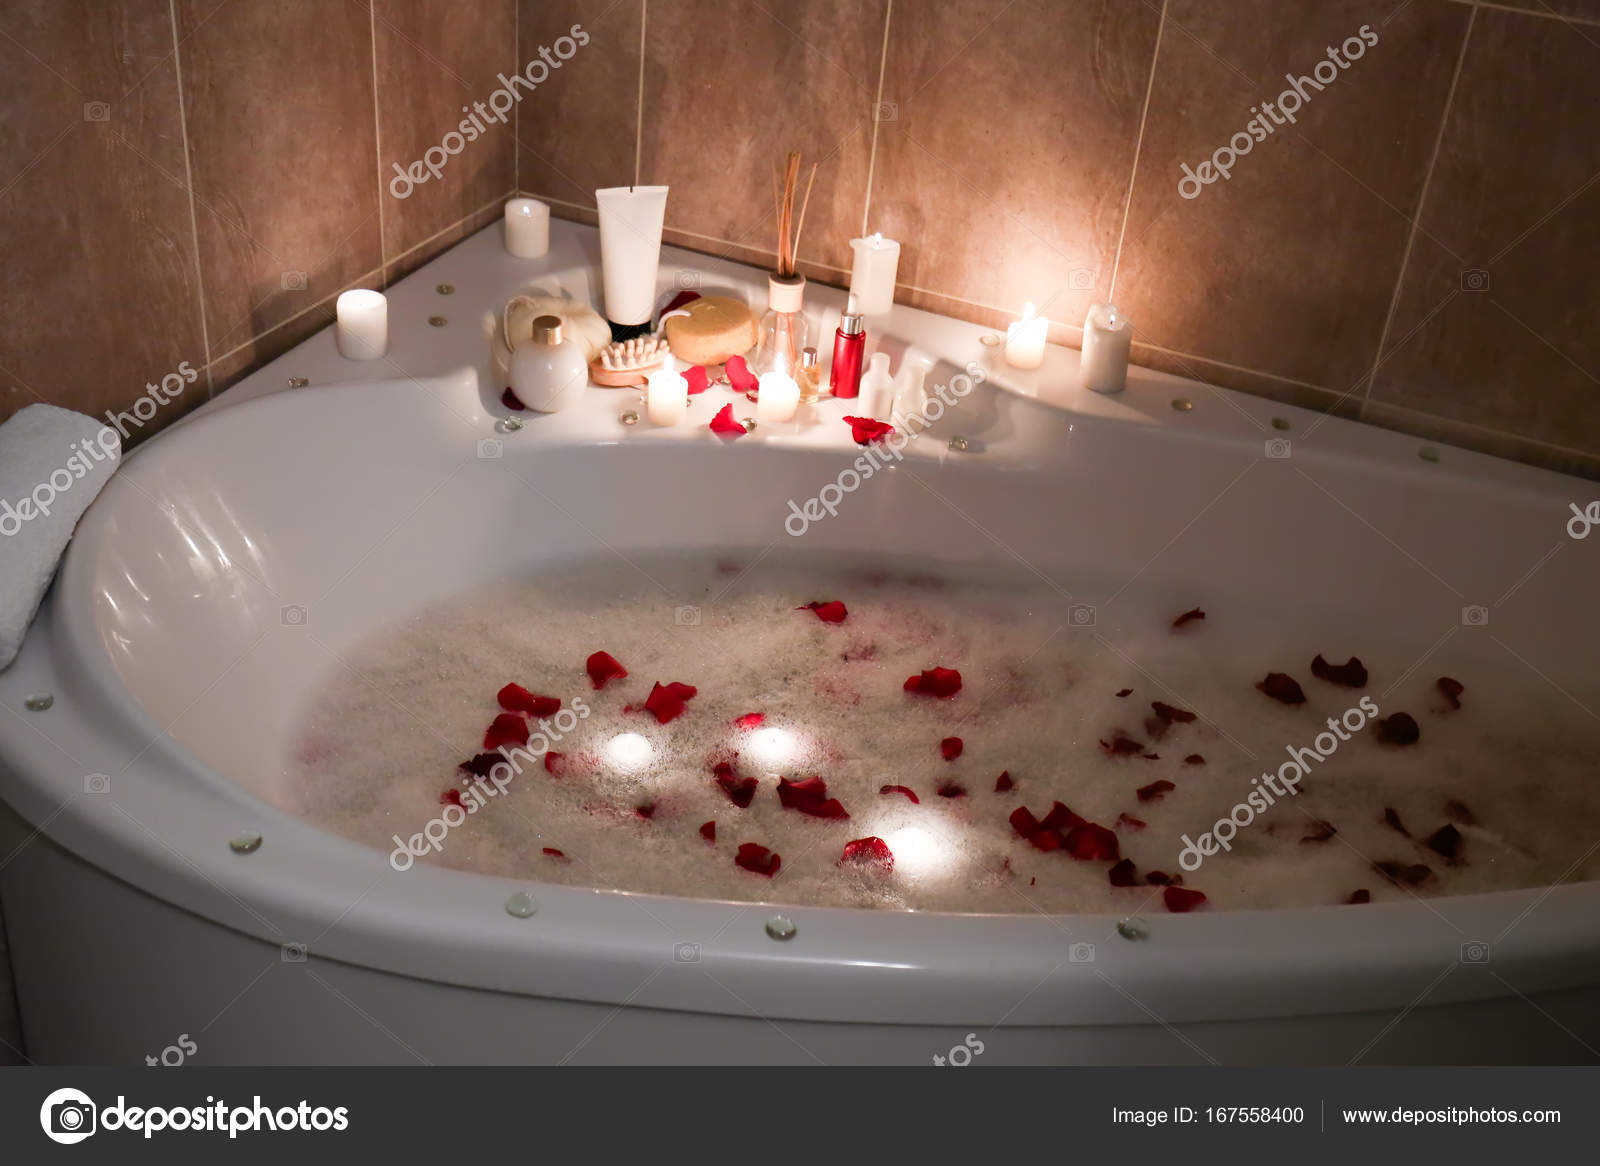 Vasca Da Bagno Romantica Con Candele : Vasca da bagno con schiuma e petali di rosa u2014 foto stock